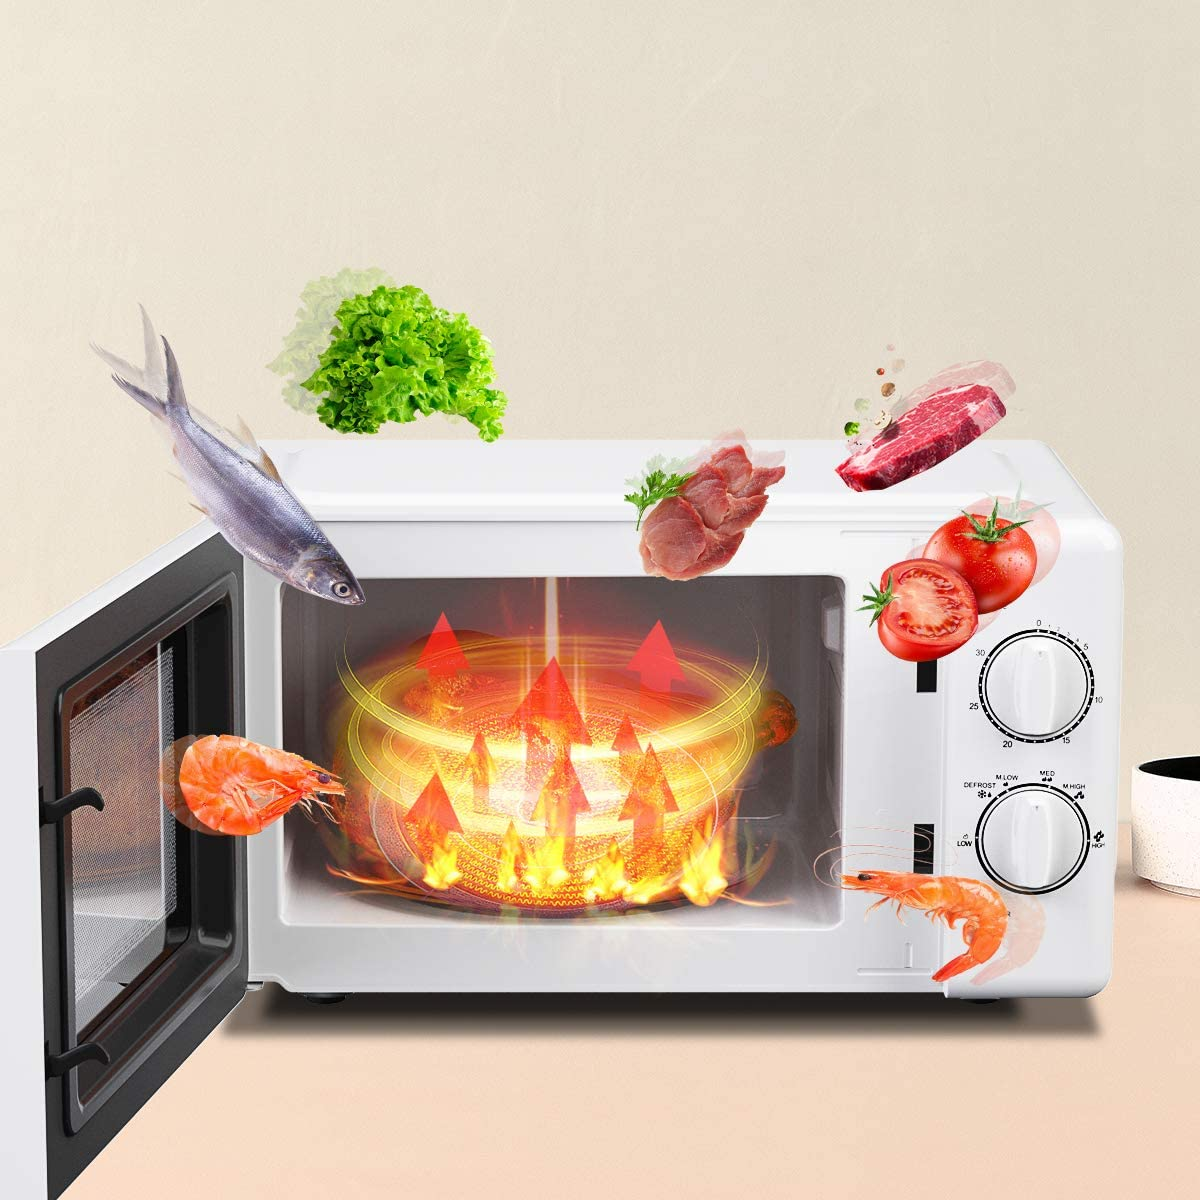 Best 700 Watt Microwave Oven